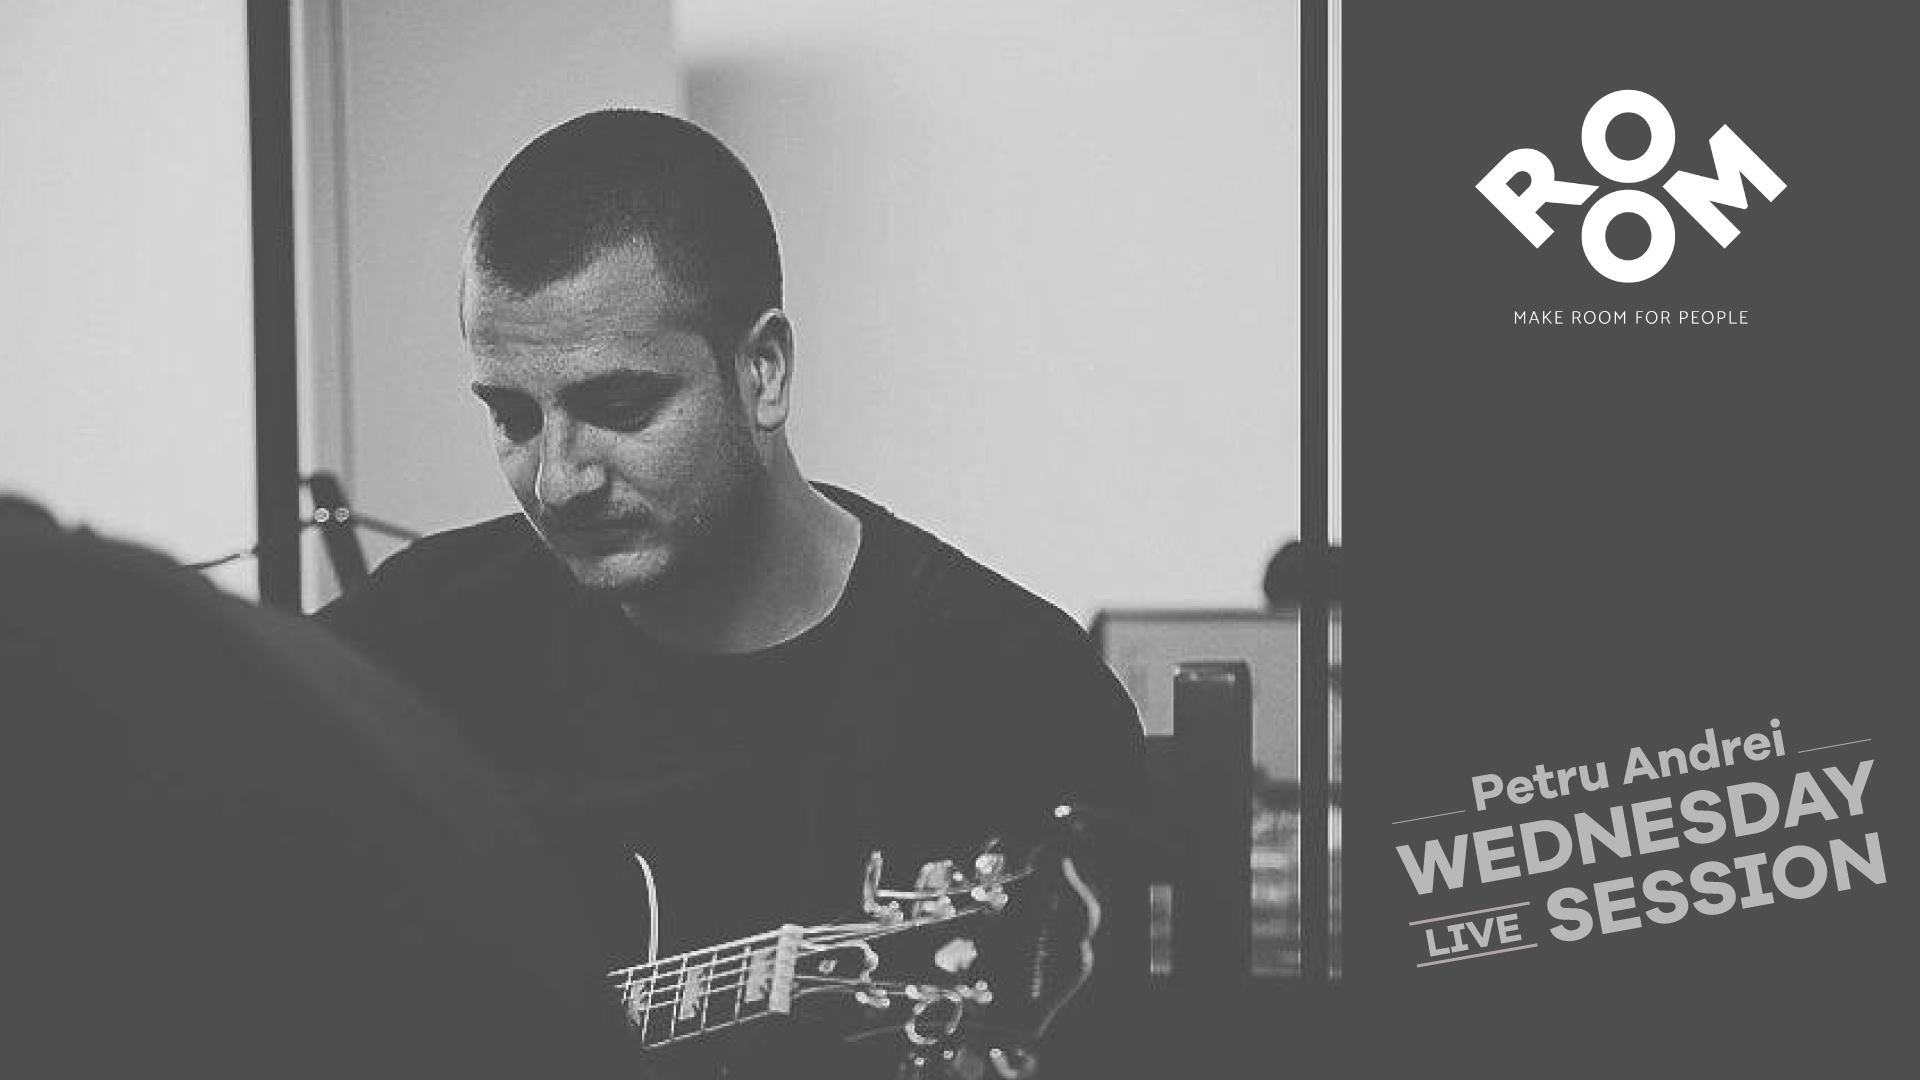 Wednesday Live Sessions | Petru Andrei